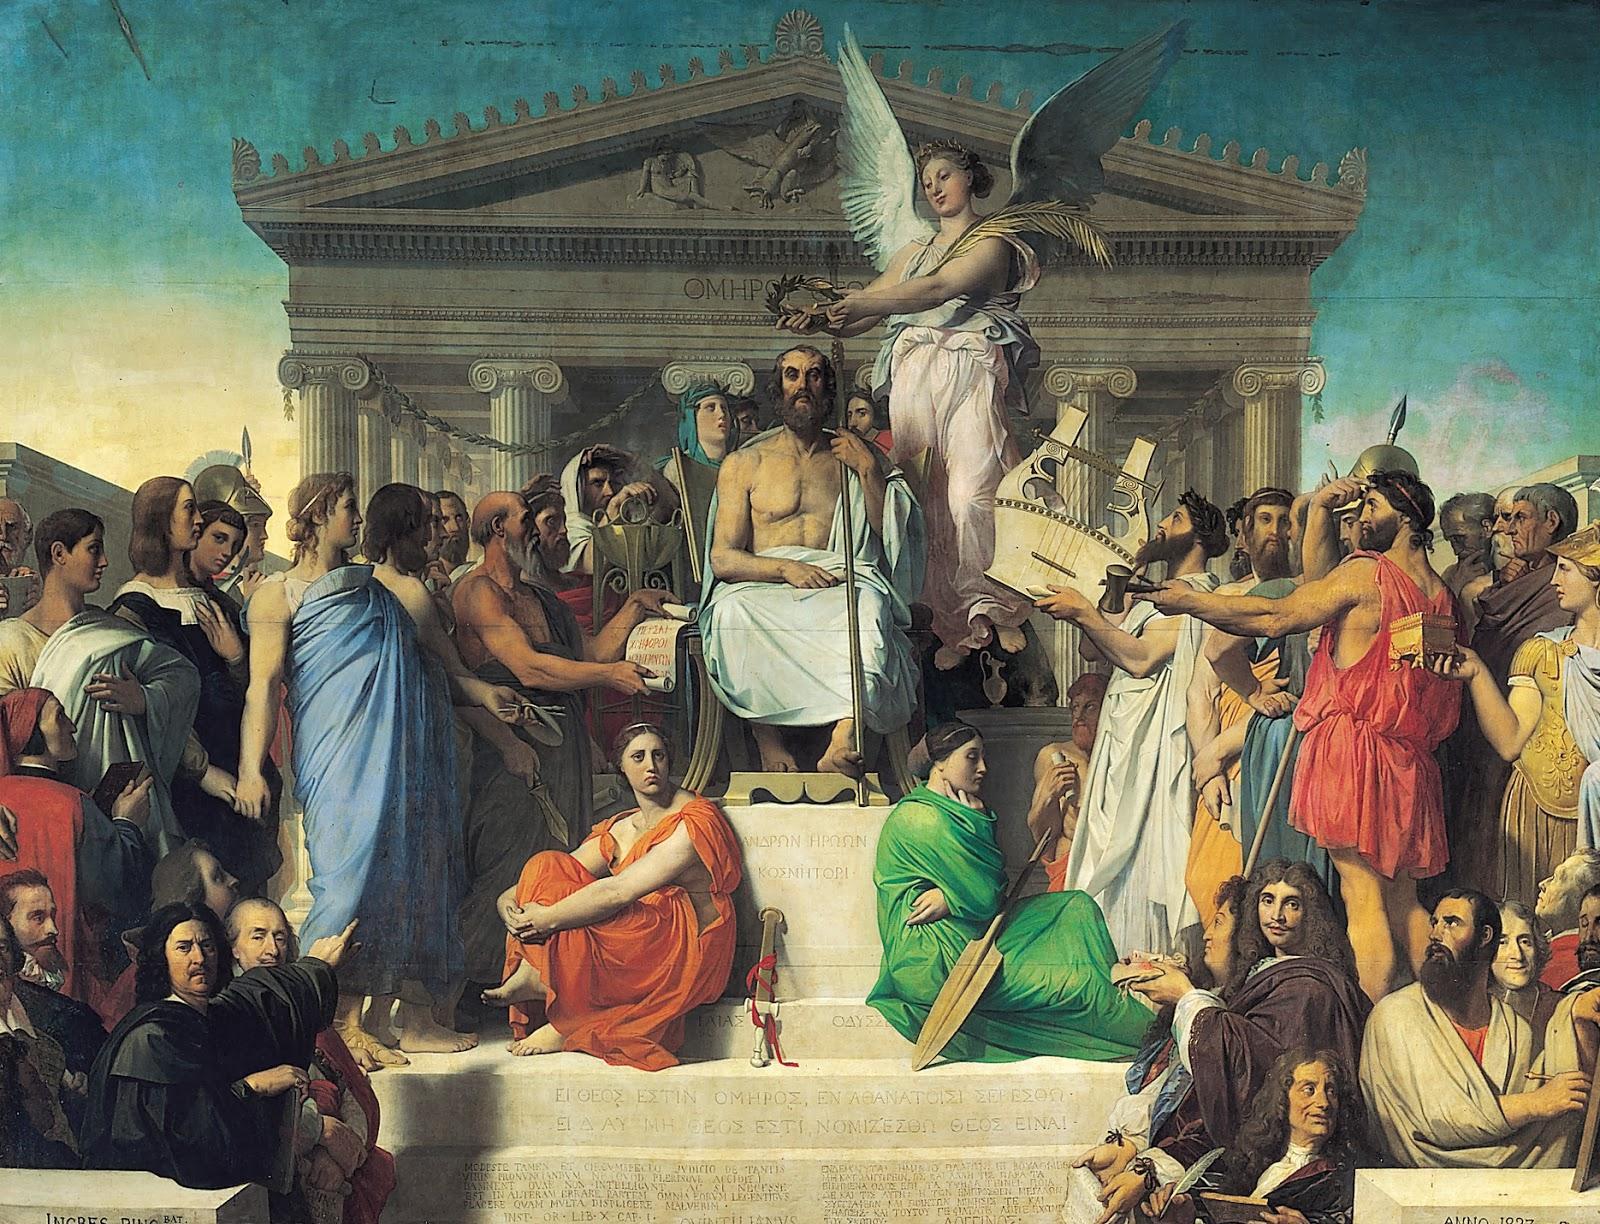 Ingres - 1827 Apoteosis de Homero